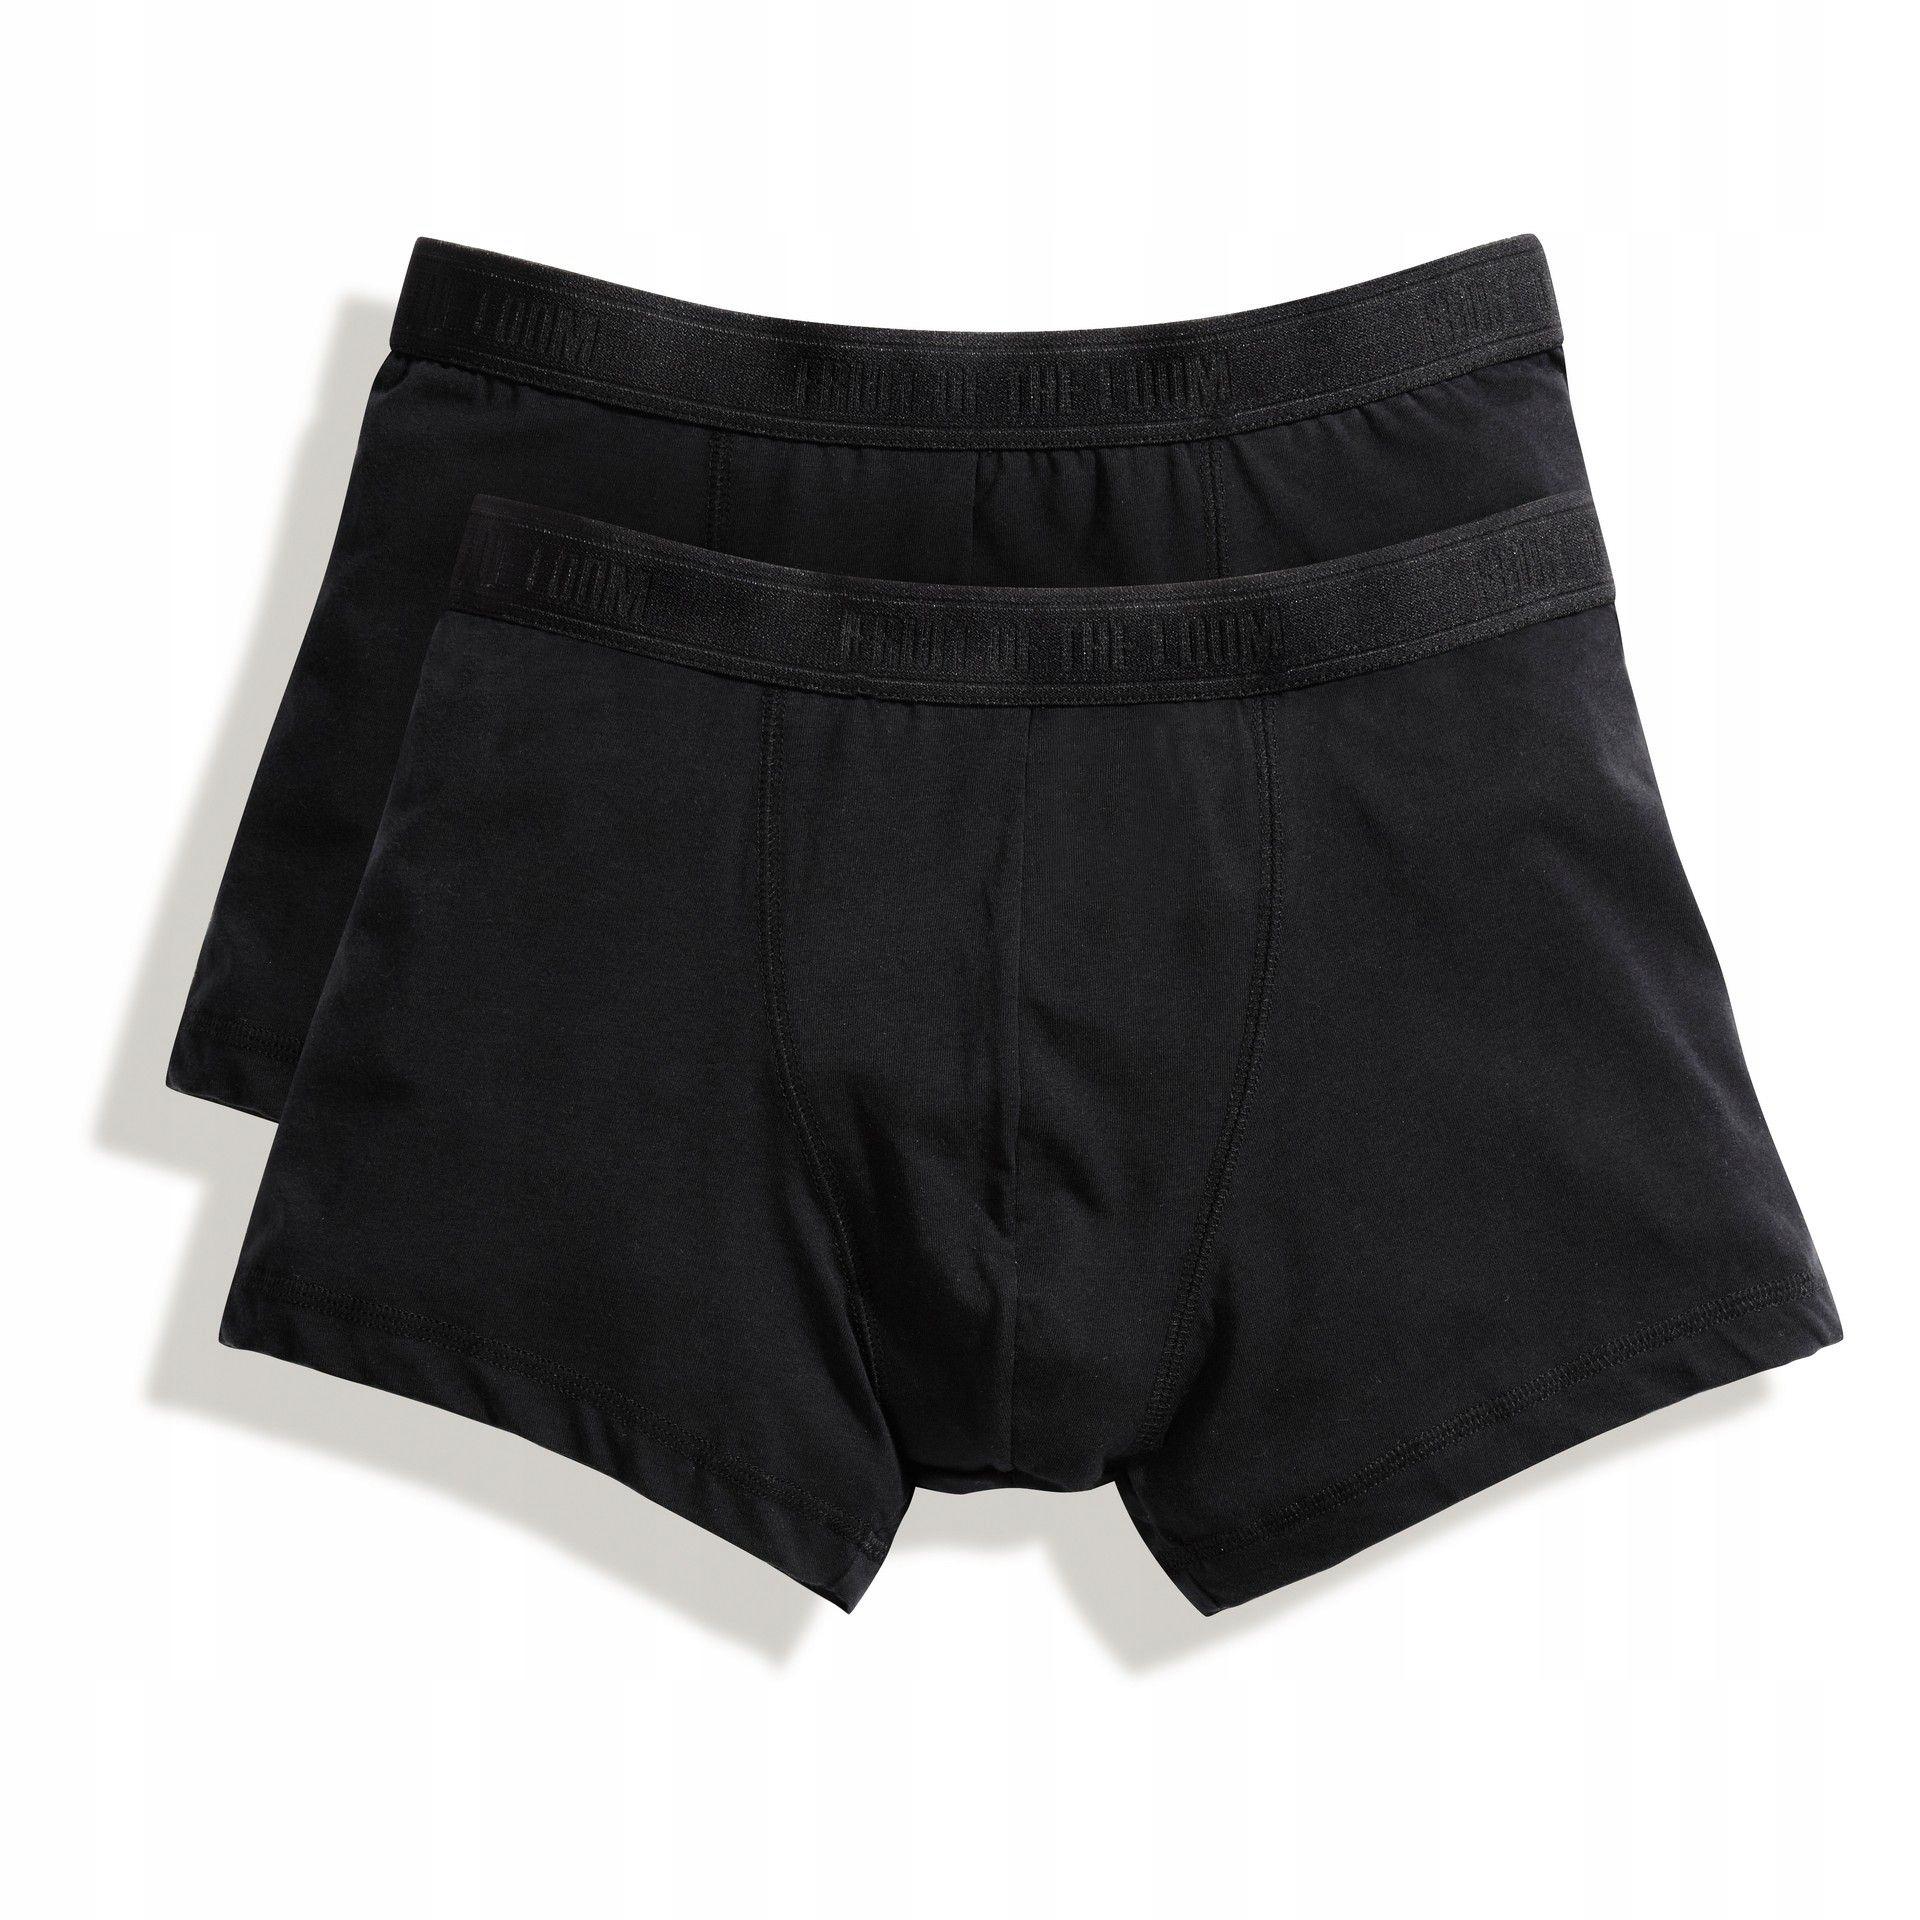 Bokserki FRUIT Shorty 2pack Black XXL